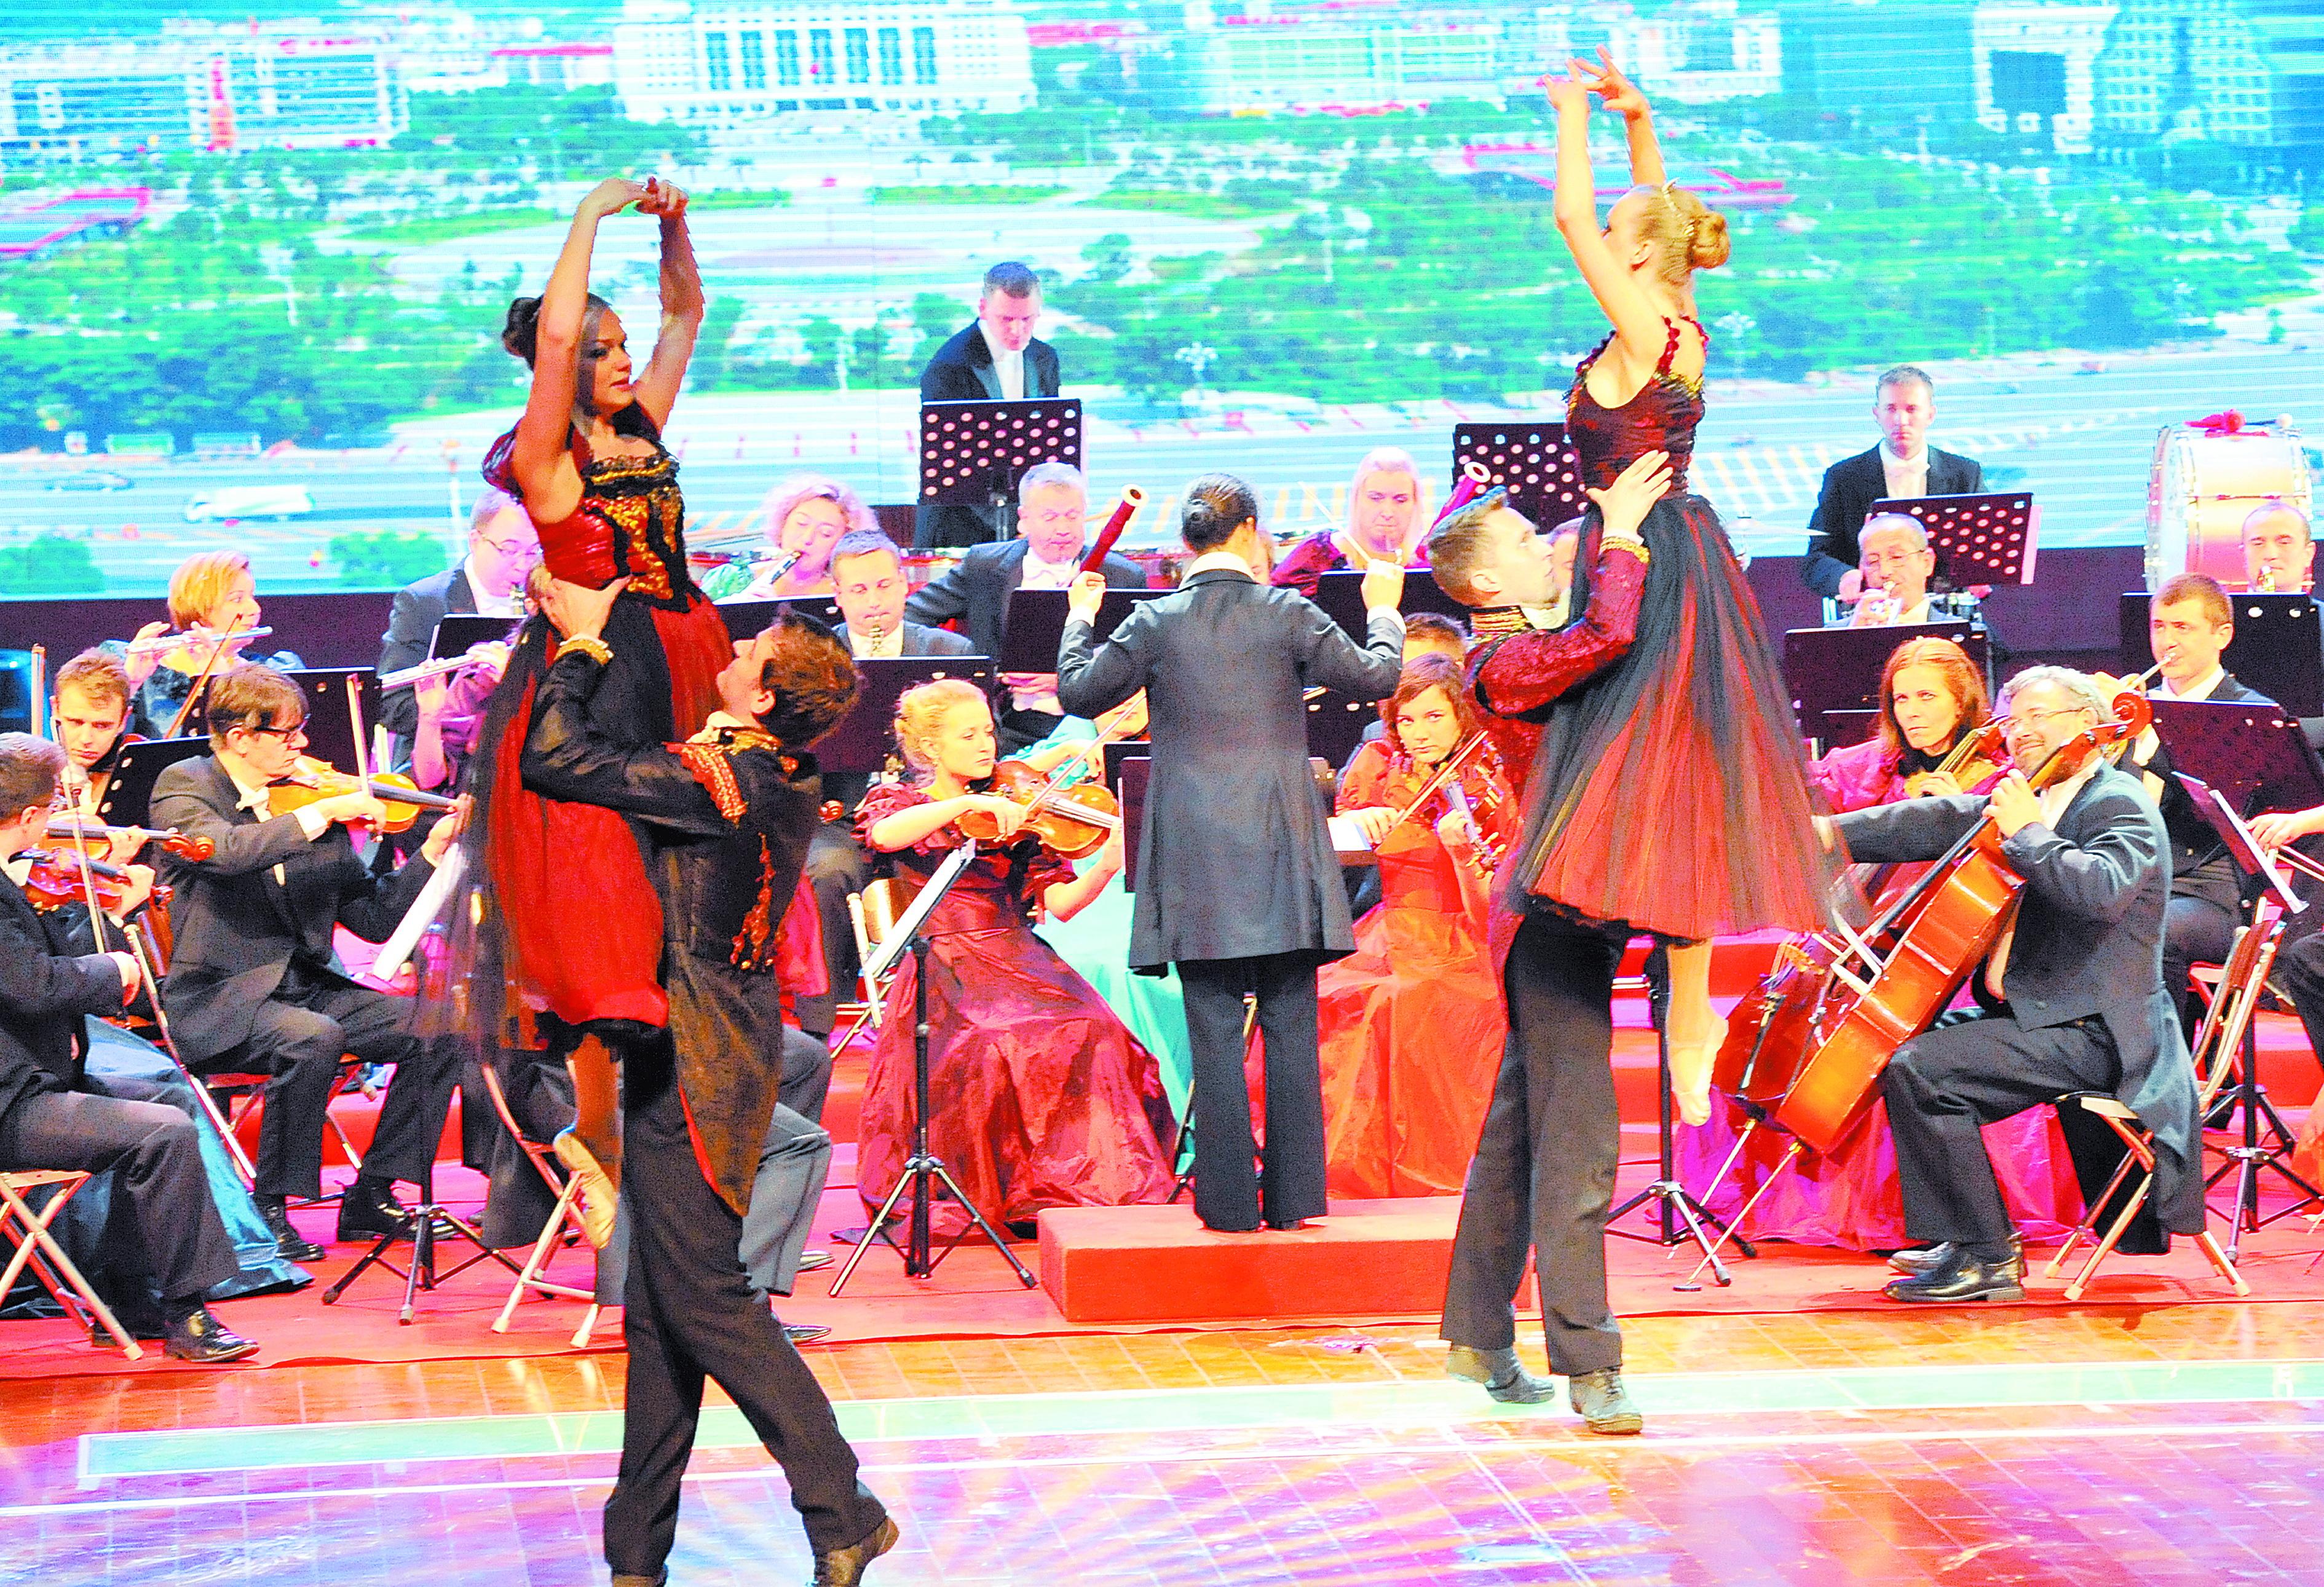 在华丽的舞台上,《皇帝圆舞曲》,《春之声圆舞曲》,《蓝色多瑙河圆